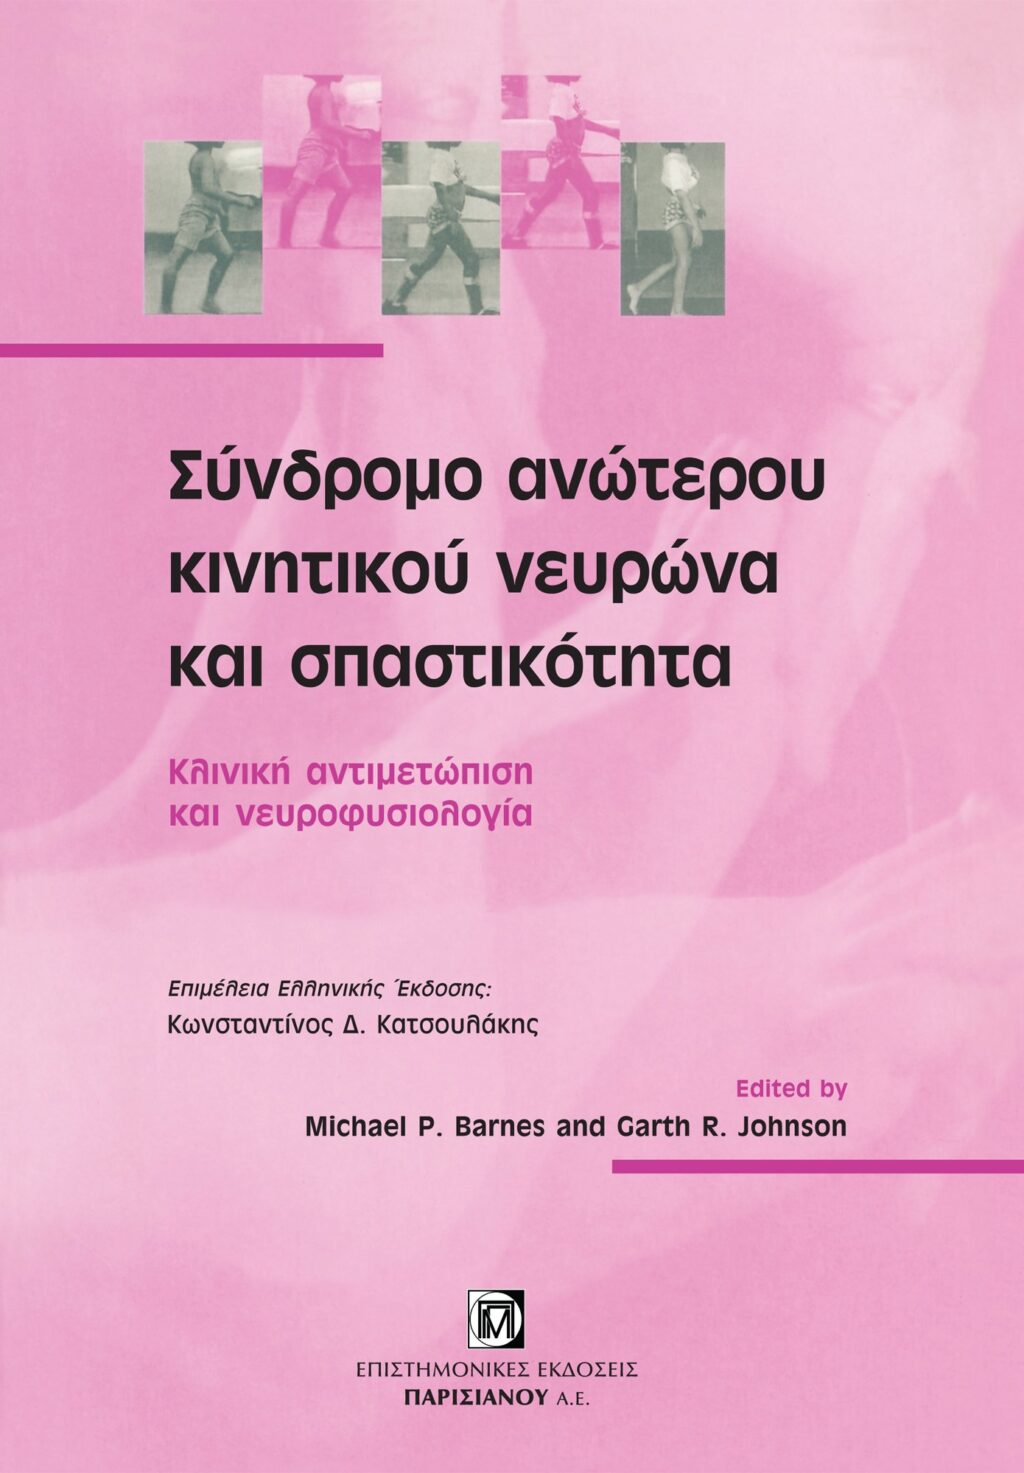 syndromo-anoterou-kinitikou-nefrona-ke-spastikotitaskliniki-antimetopisi-nefrofysiologia